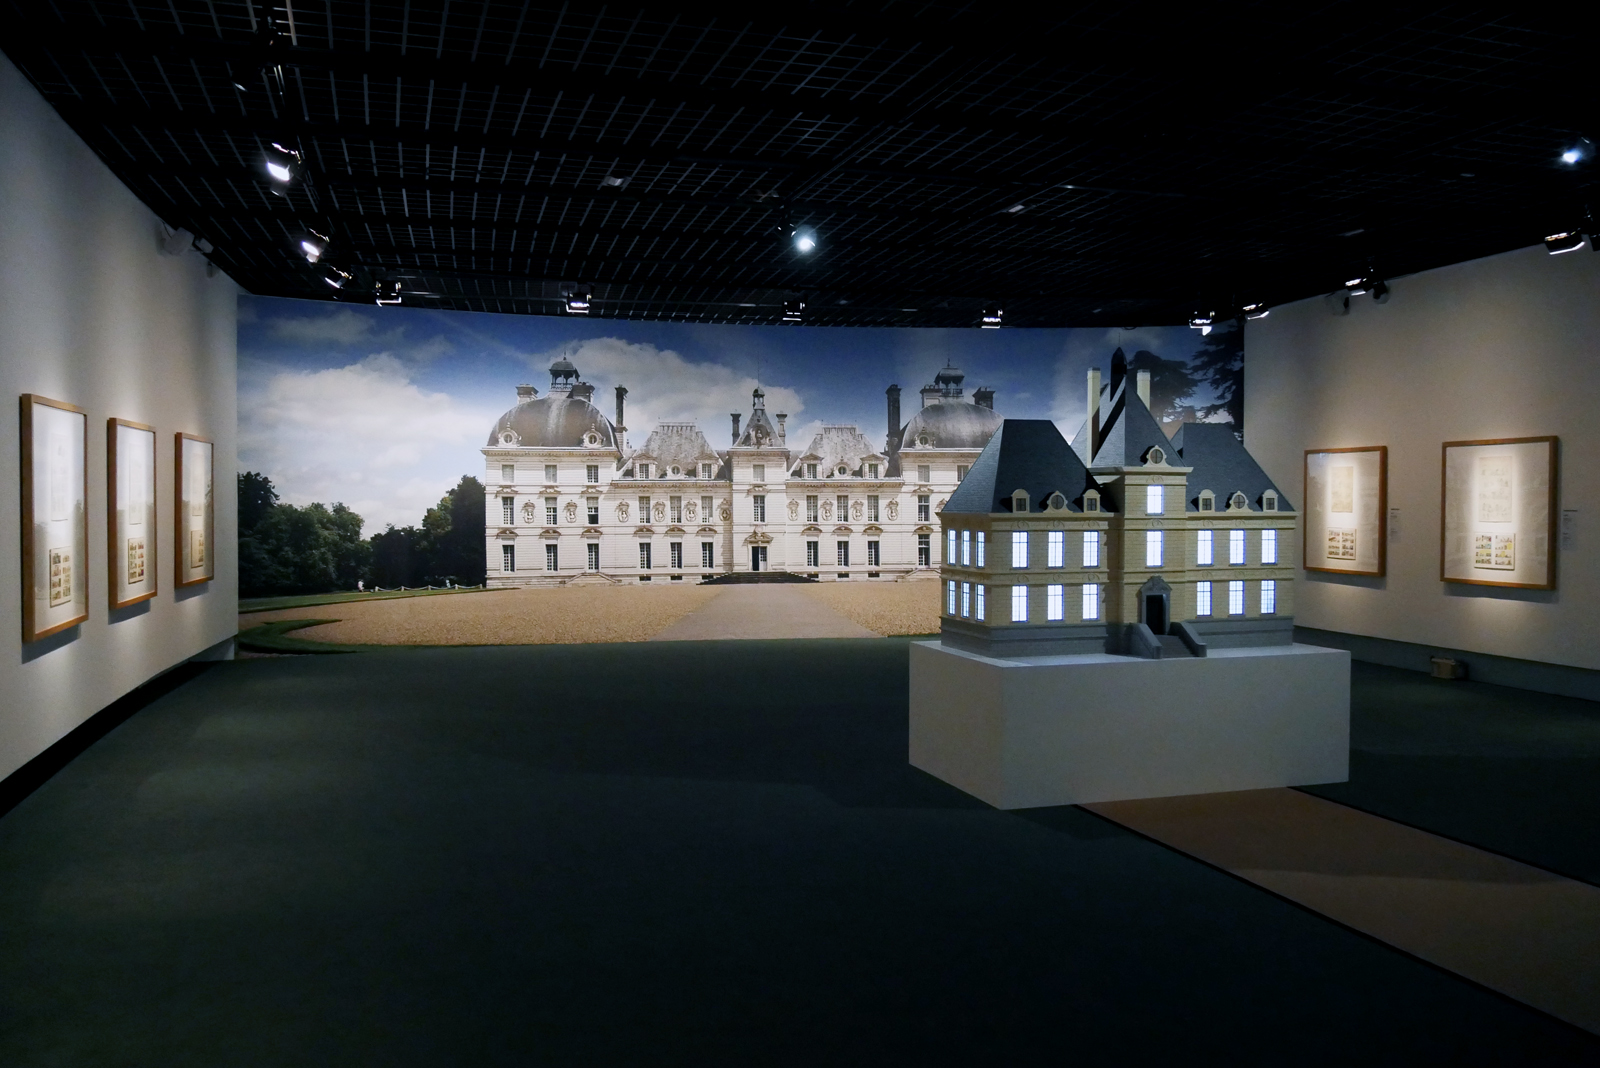 Herg au grand palais exposition saisissante - Exposition grand palais paris ...